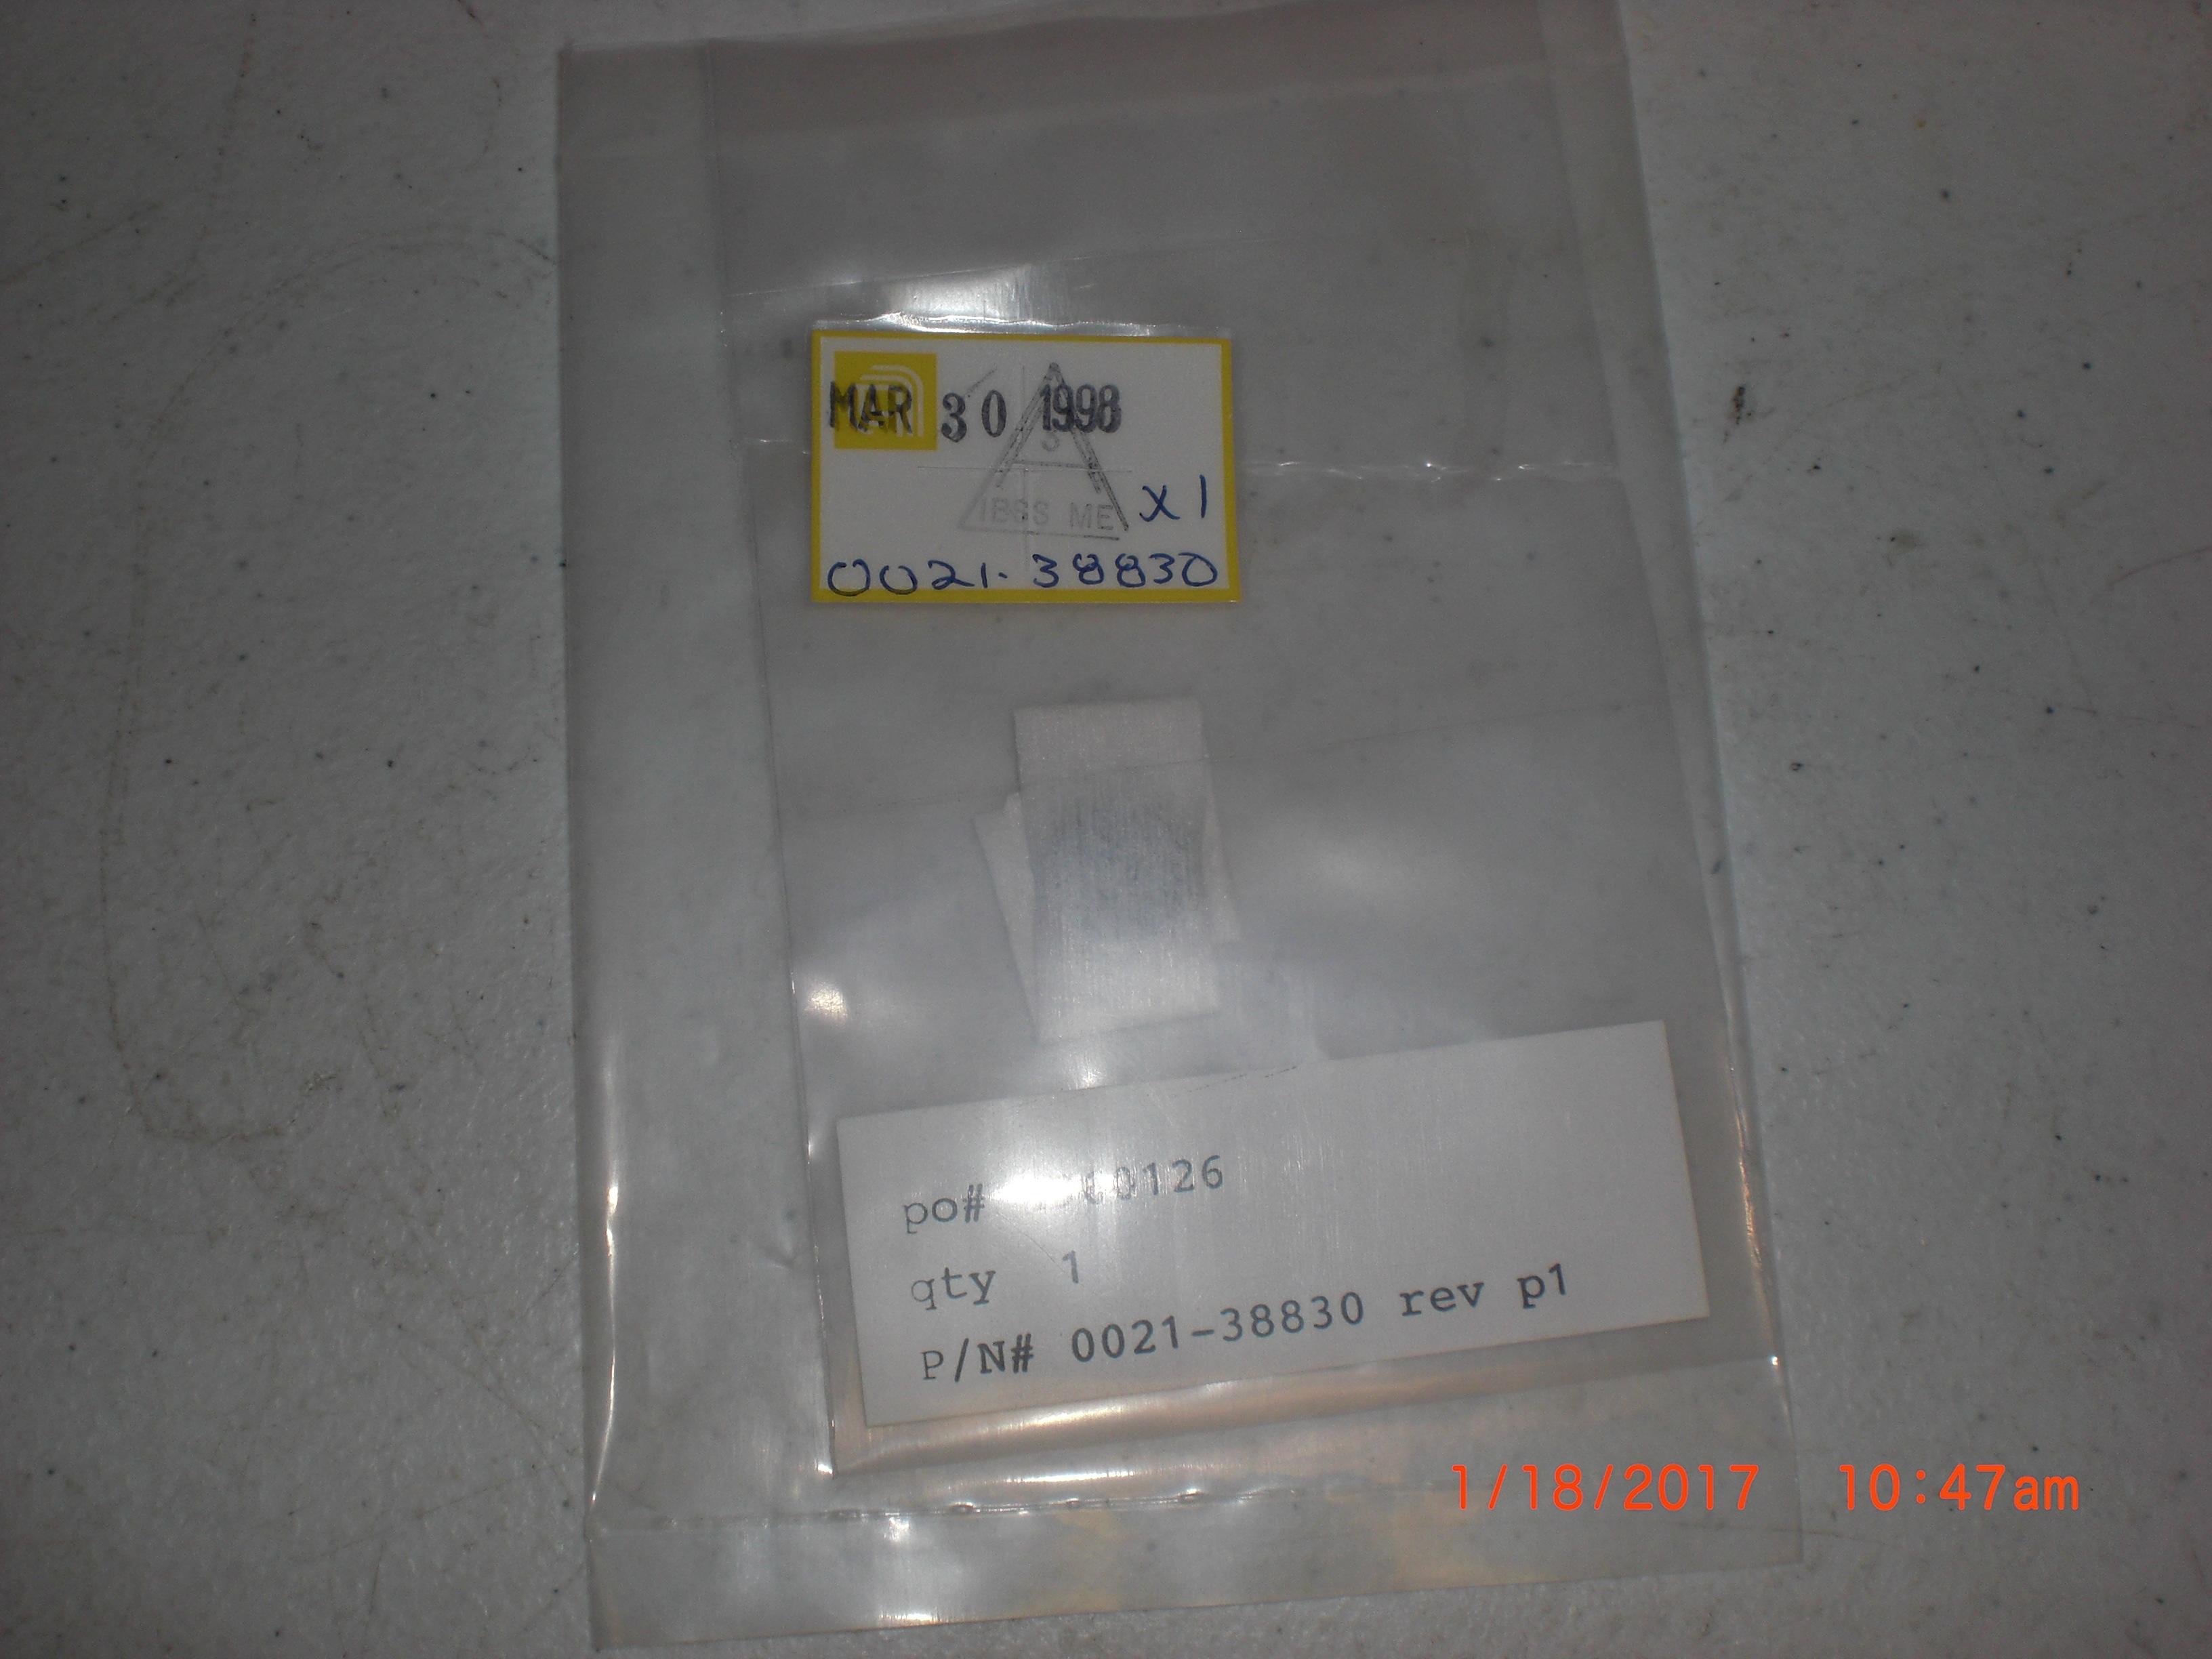 Bearing  (AMAT) 0021-38830 PLASTIC, CASSETTE HANDLER CENTUR